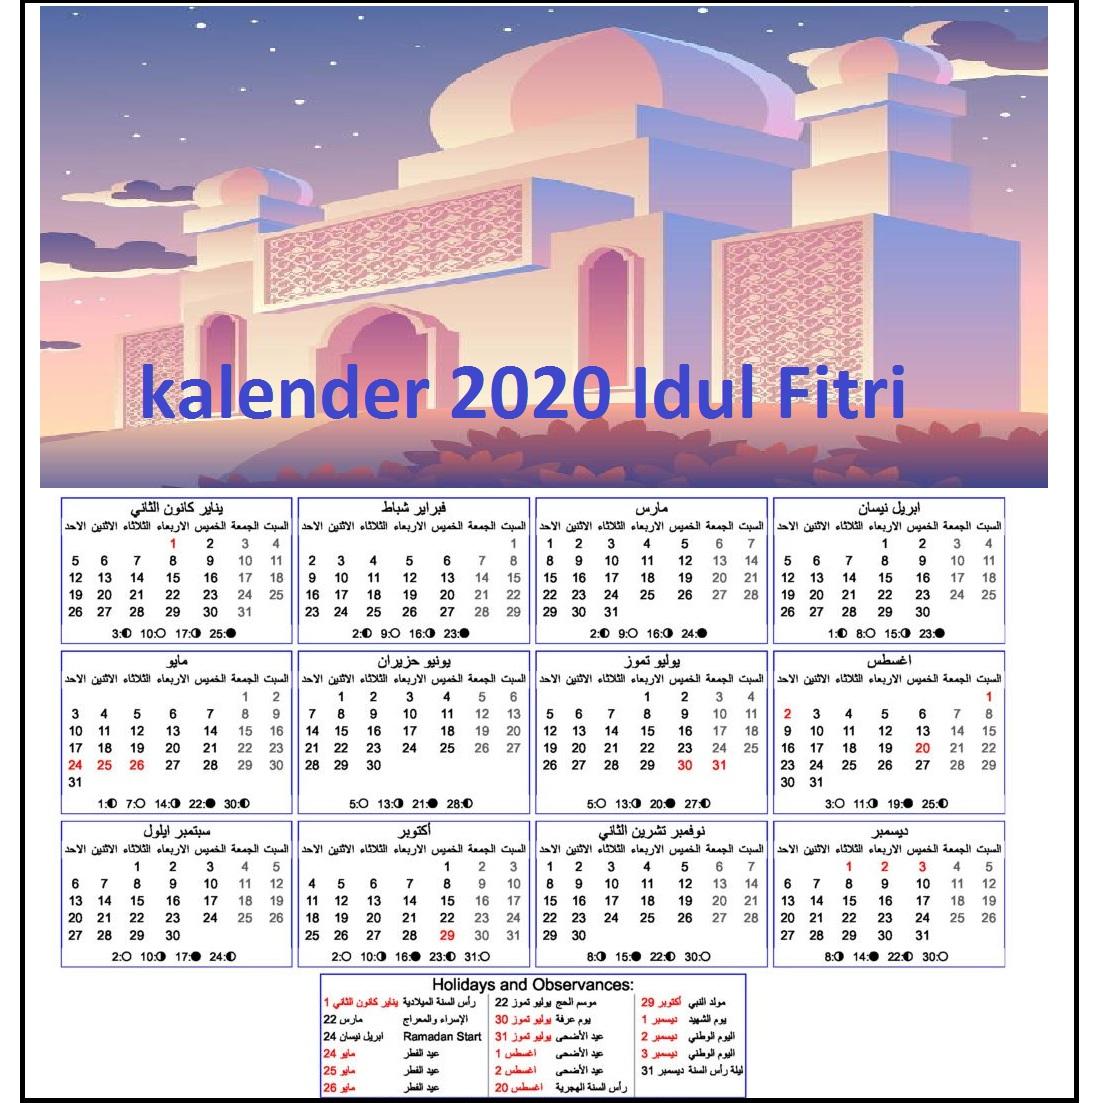 2020 Druckbare Kalender Idul Fitri Zum Ausdrucken [PDF